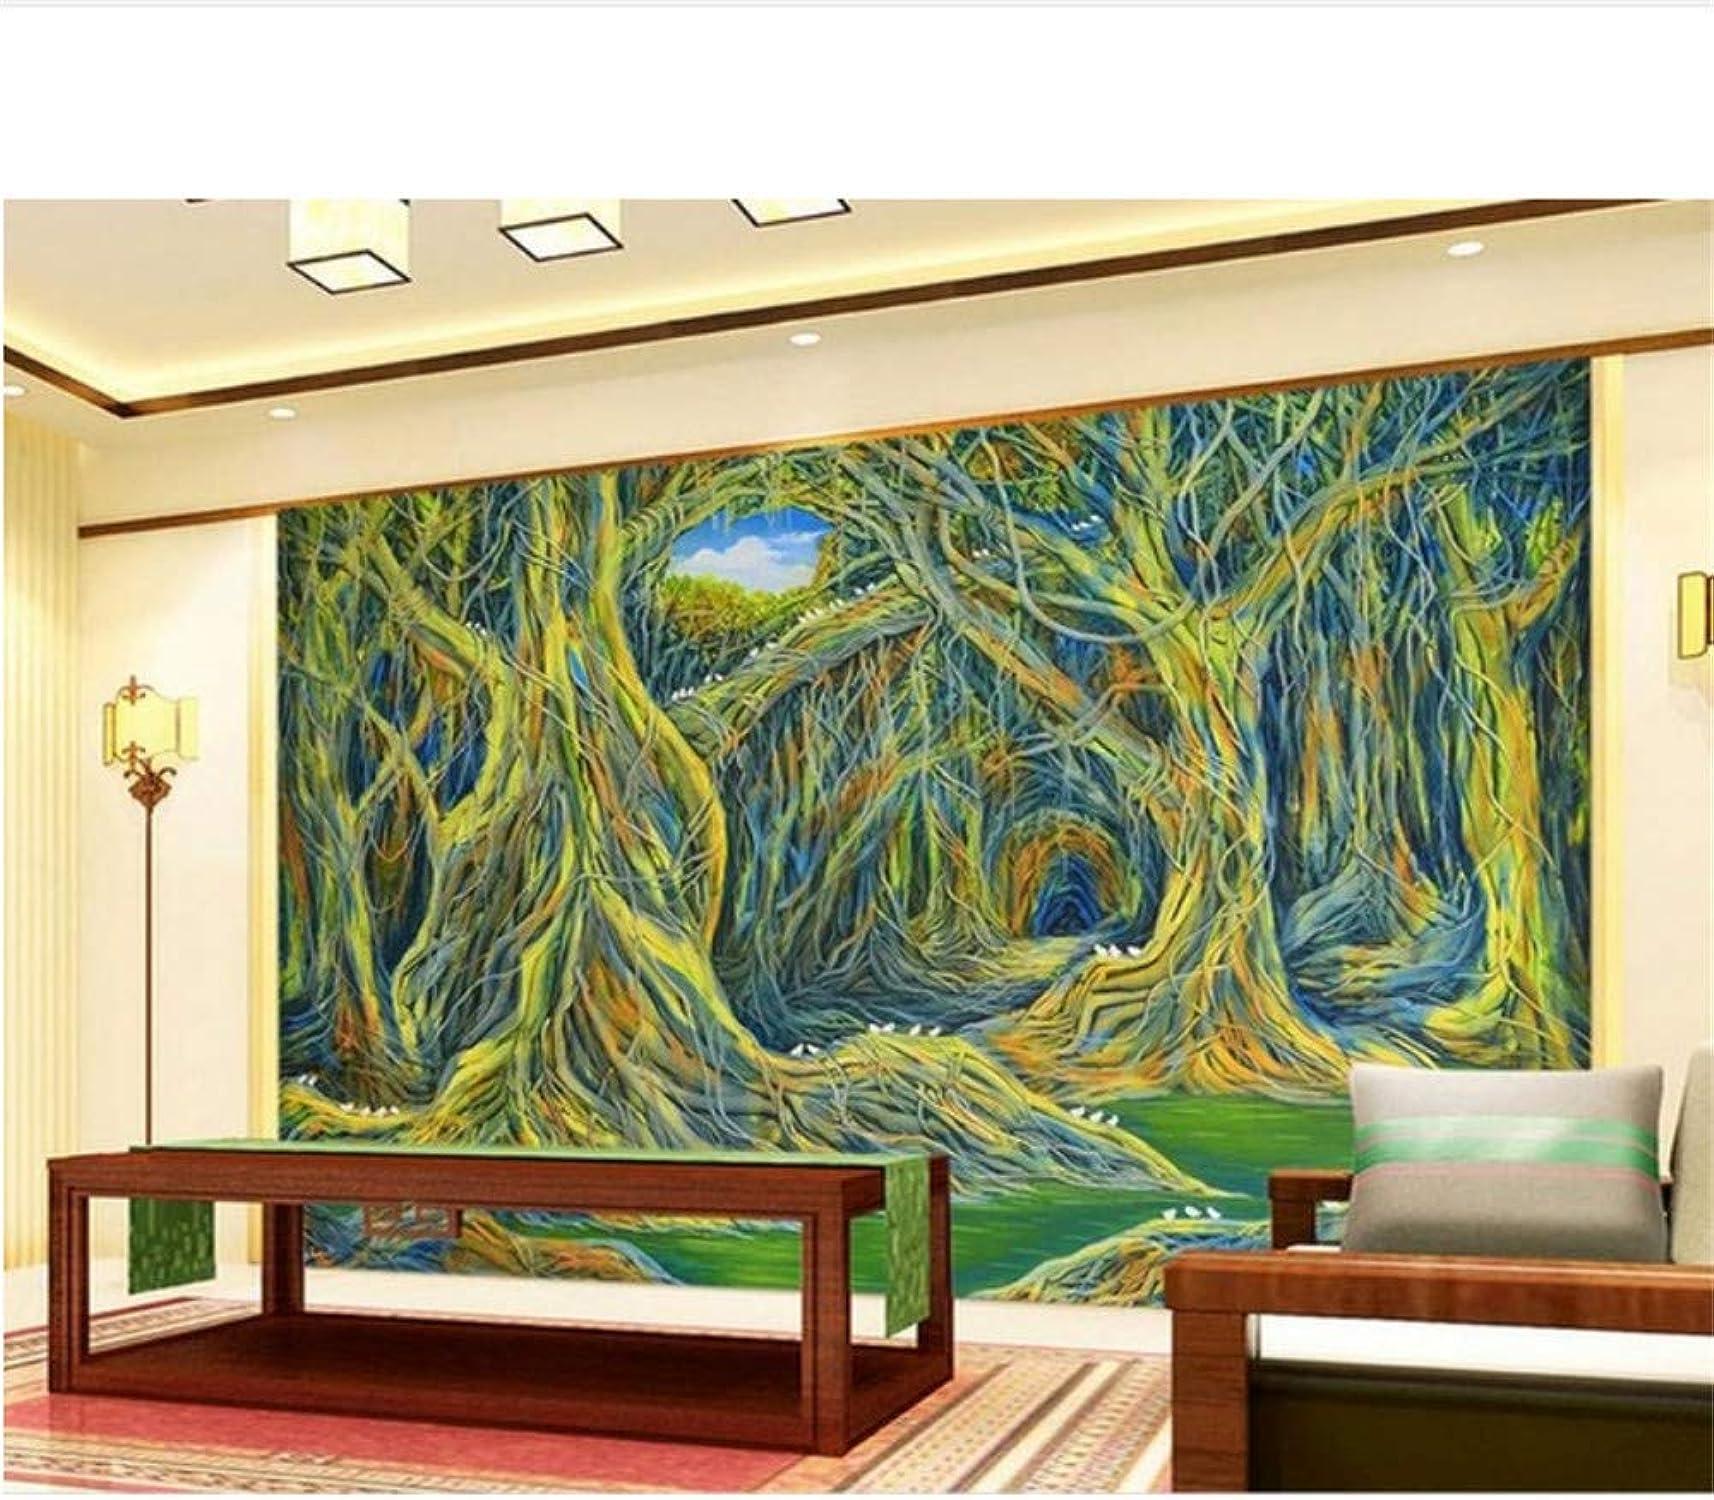 barato en alta calidad Qqasd personalizzare murales murales murales 3d Dipinto a mano astratto foresta pluviale 3d foto wallpaper per soggiorno 3d murales carta da parati stereoscopica-190X130CM  barato